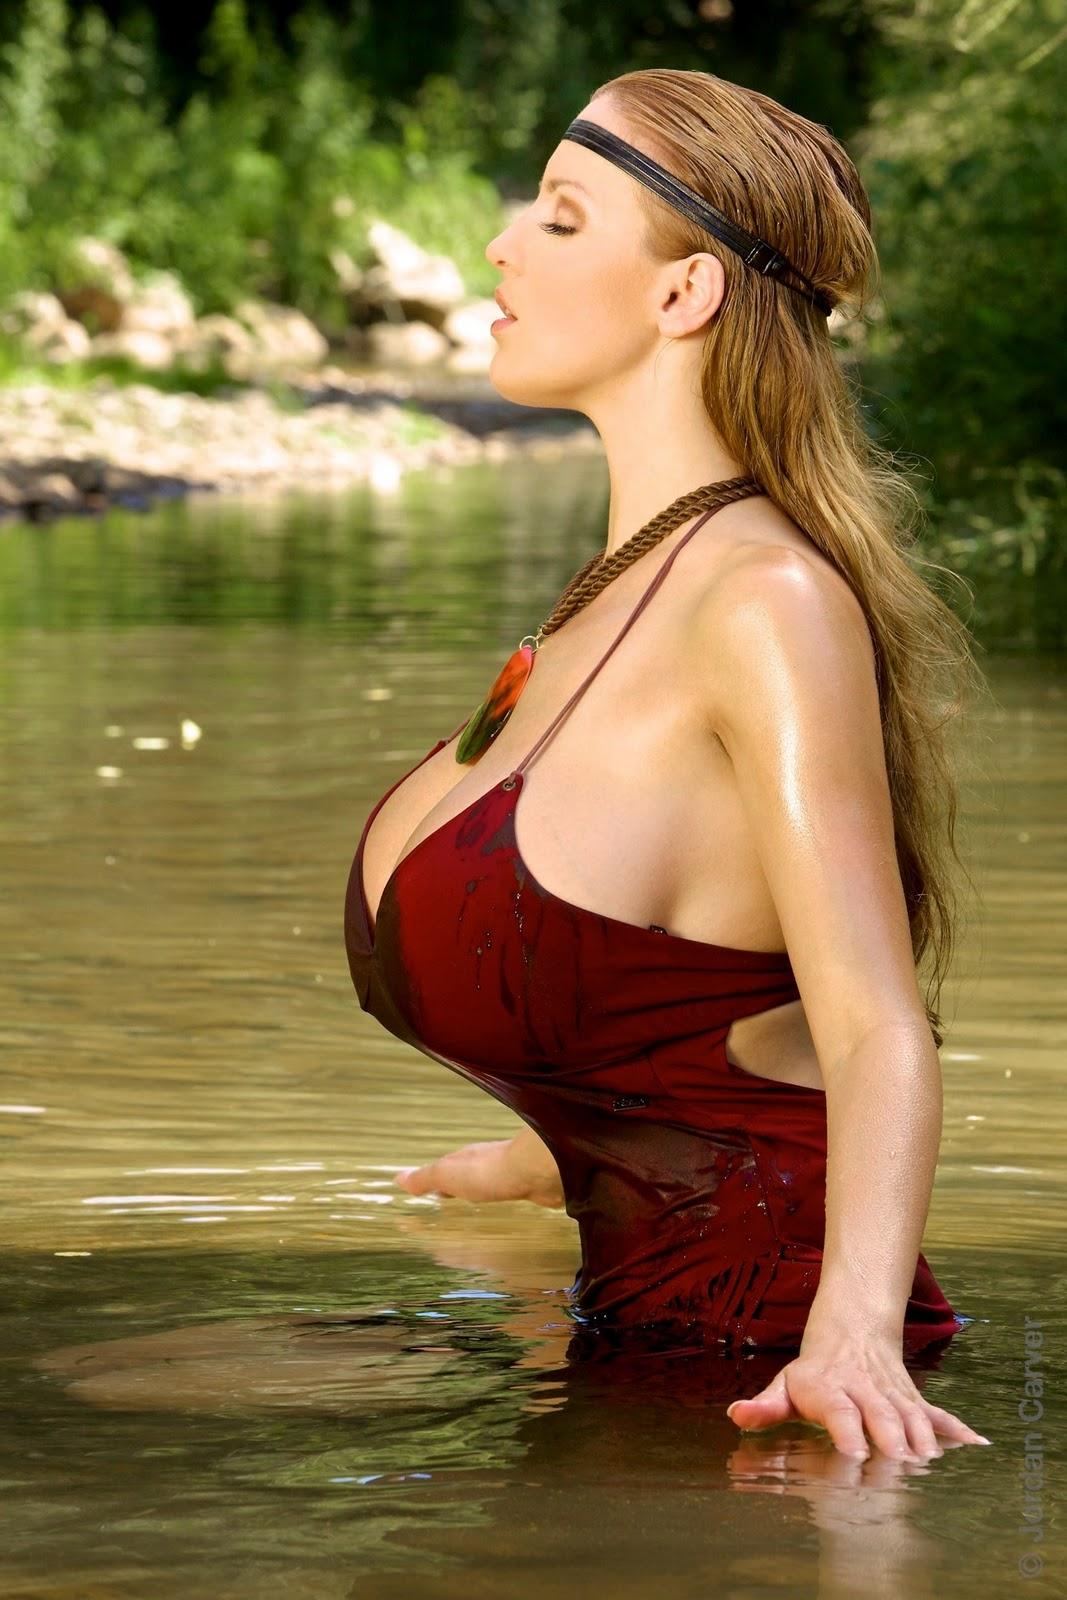 останемся совершенно соревнования девушки и женщины с большой грудью горячих девушек